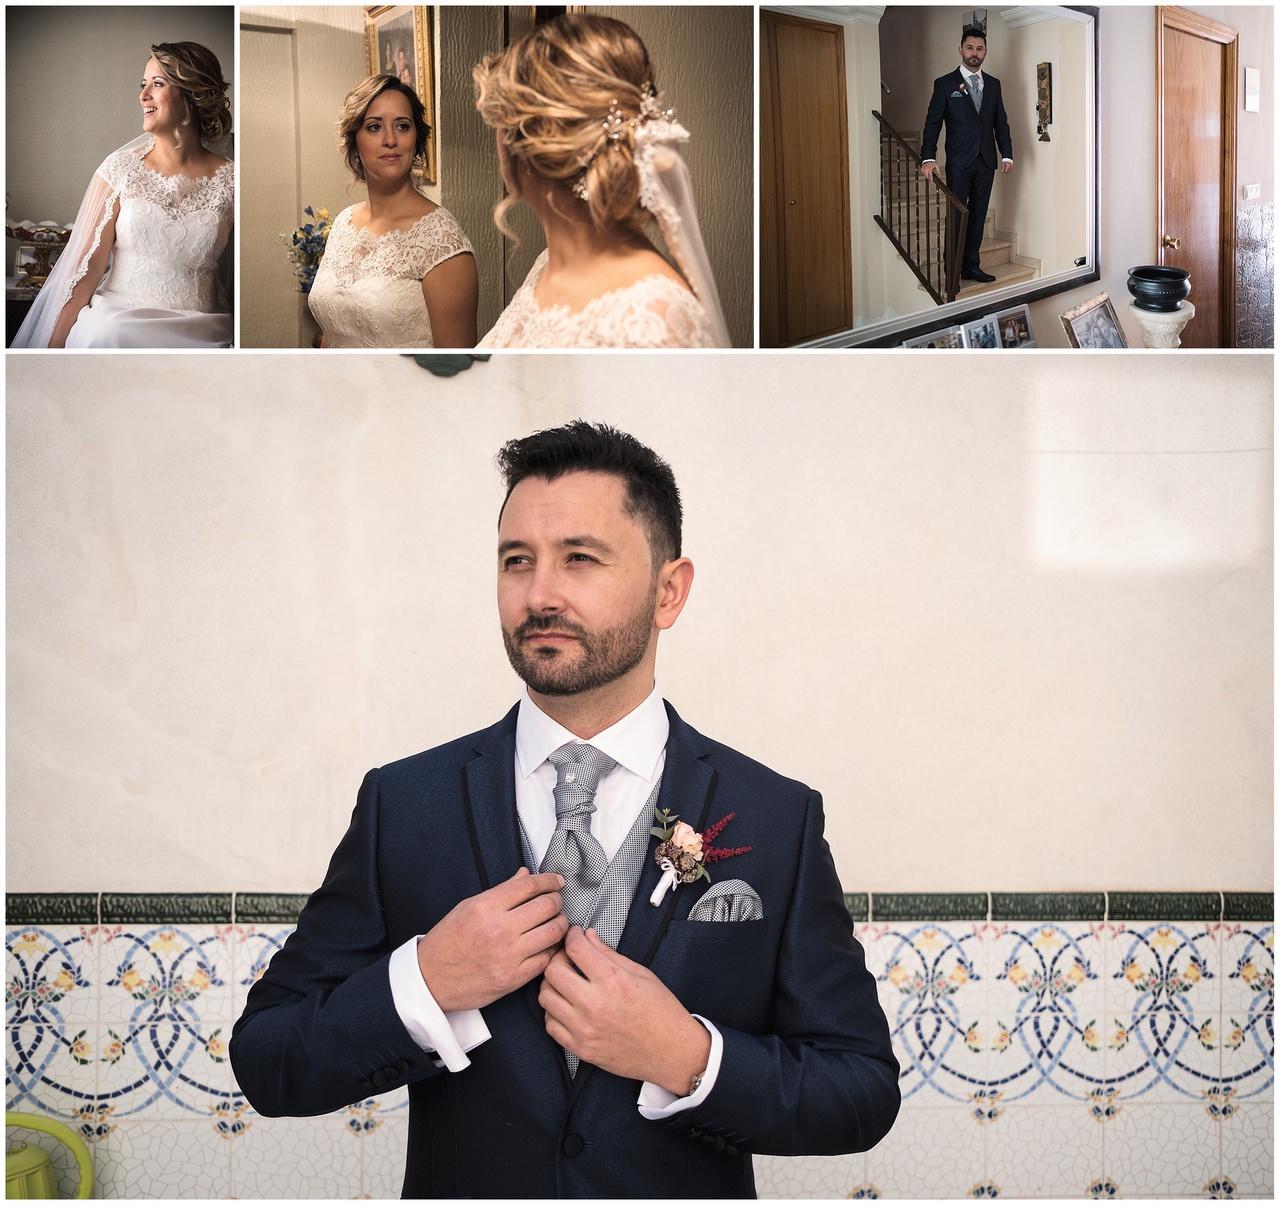 Fotógrafo de bodas en Alcoy, boda de estefy6